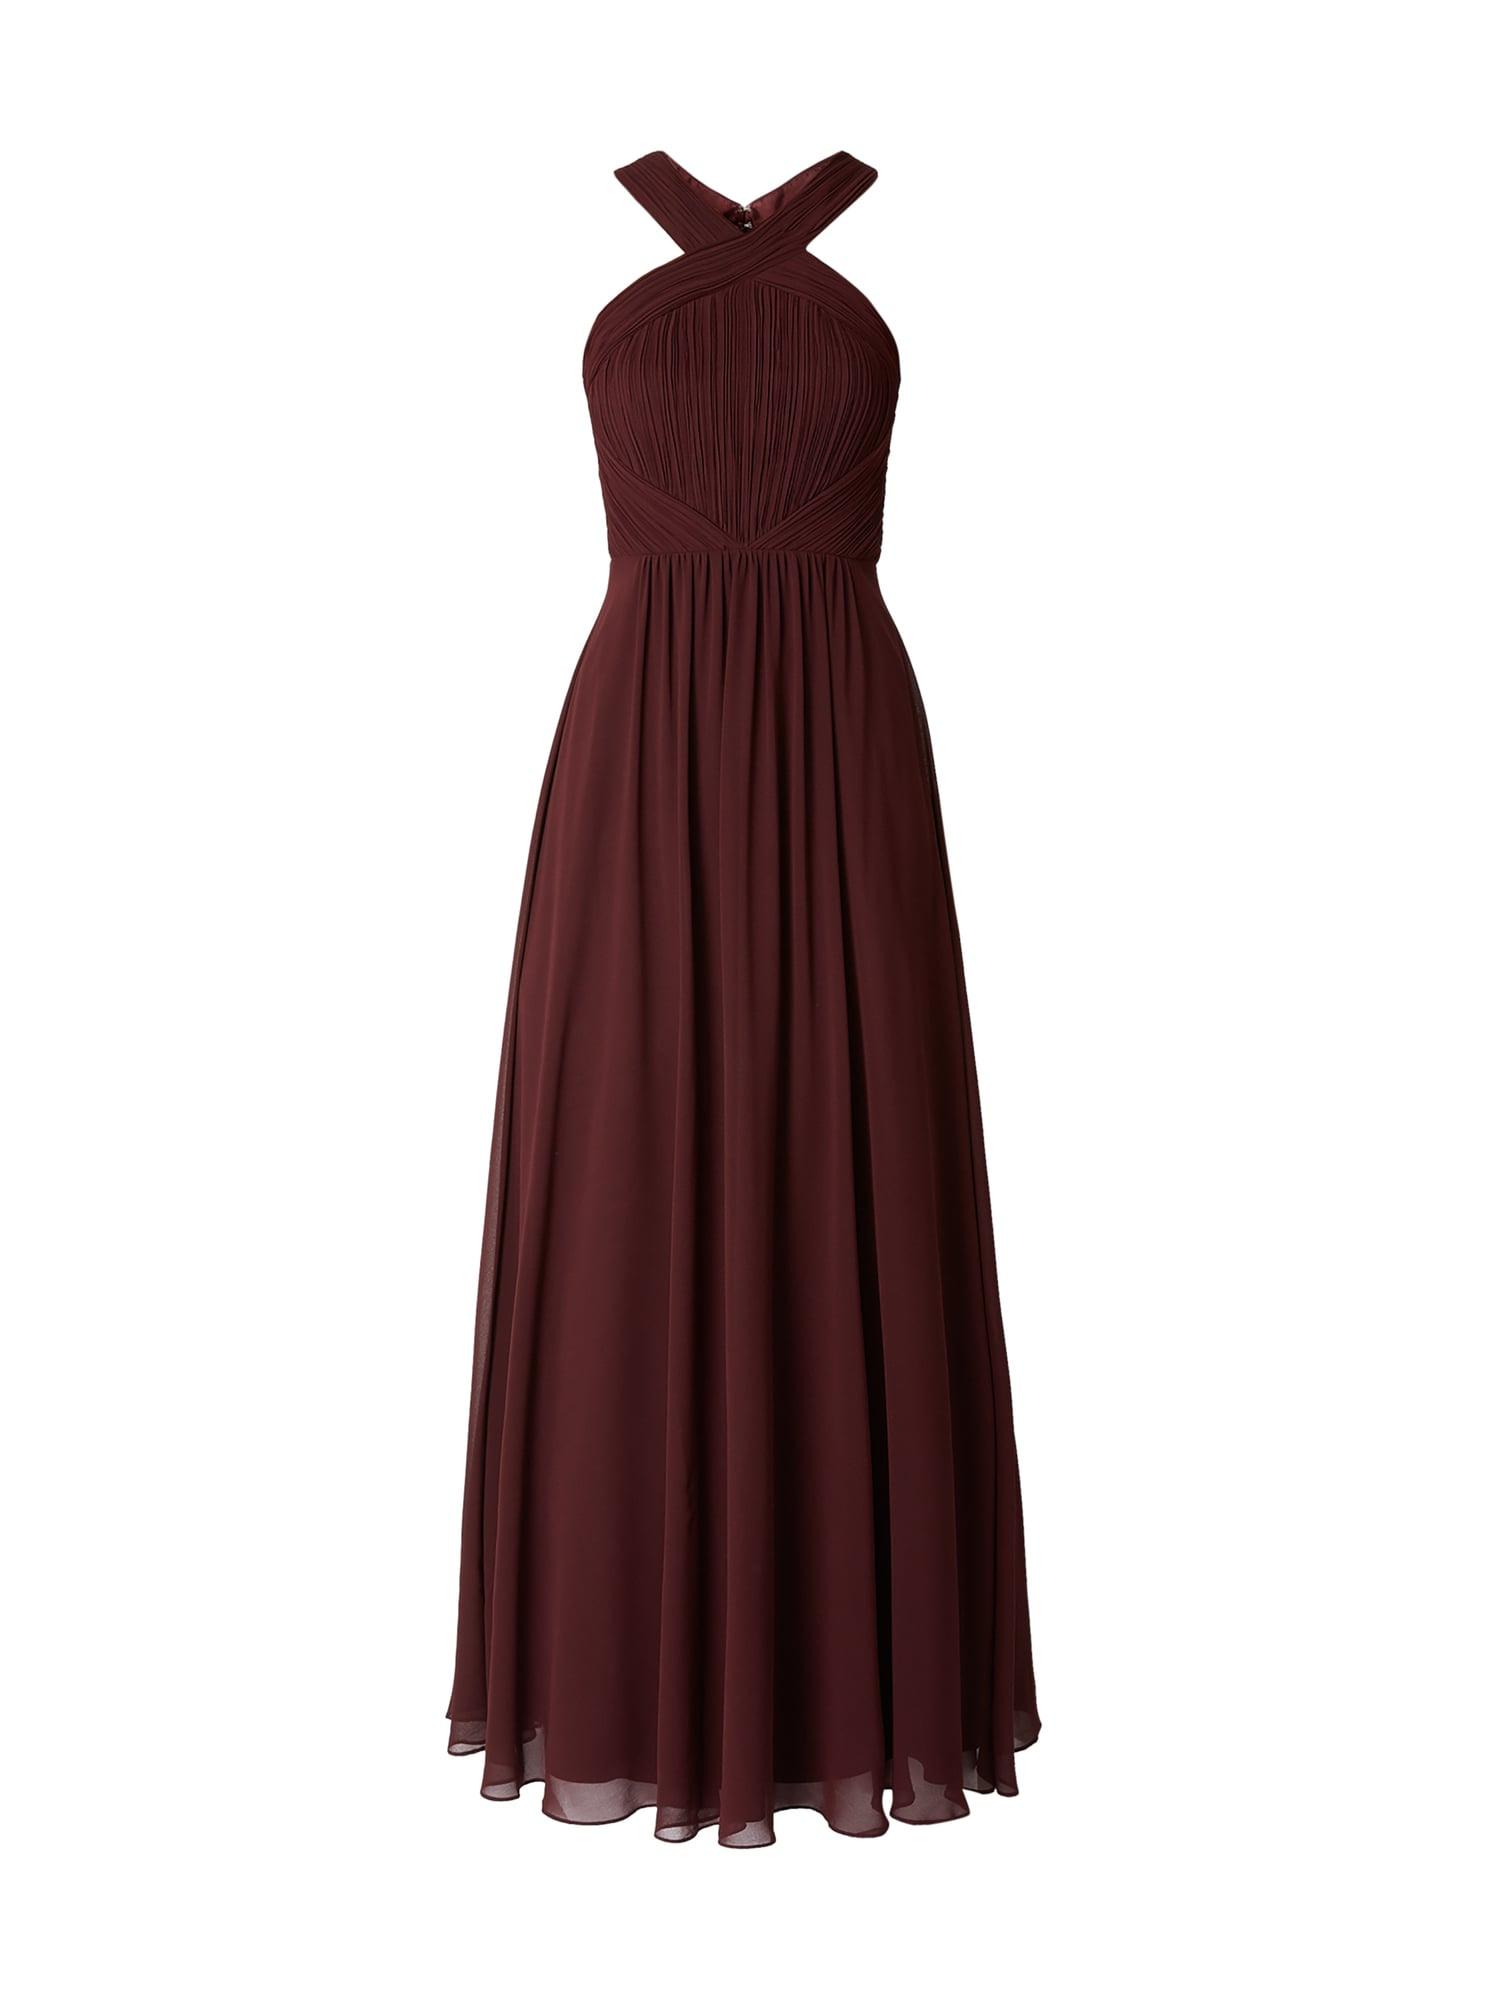 13 Großartig Abendkleid Dunkelrot Design Erstaunlich Abendkleid Dunkelrot Stylish